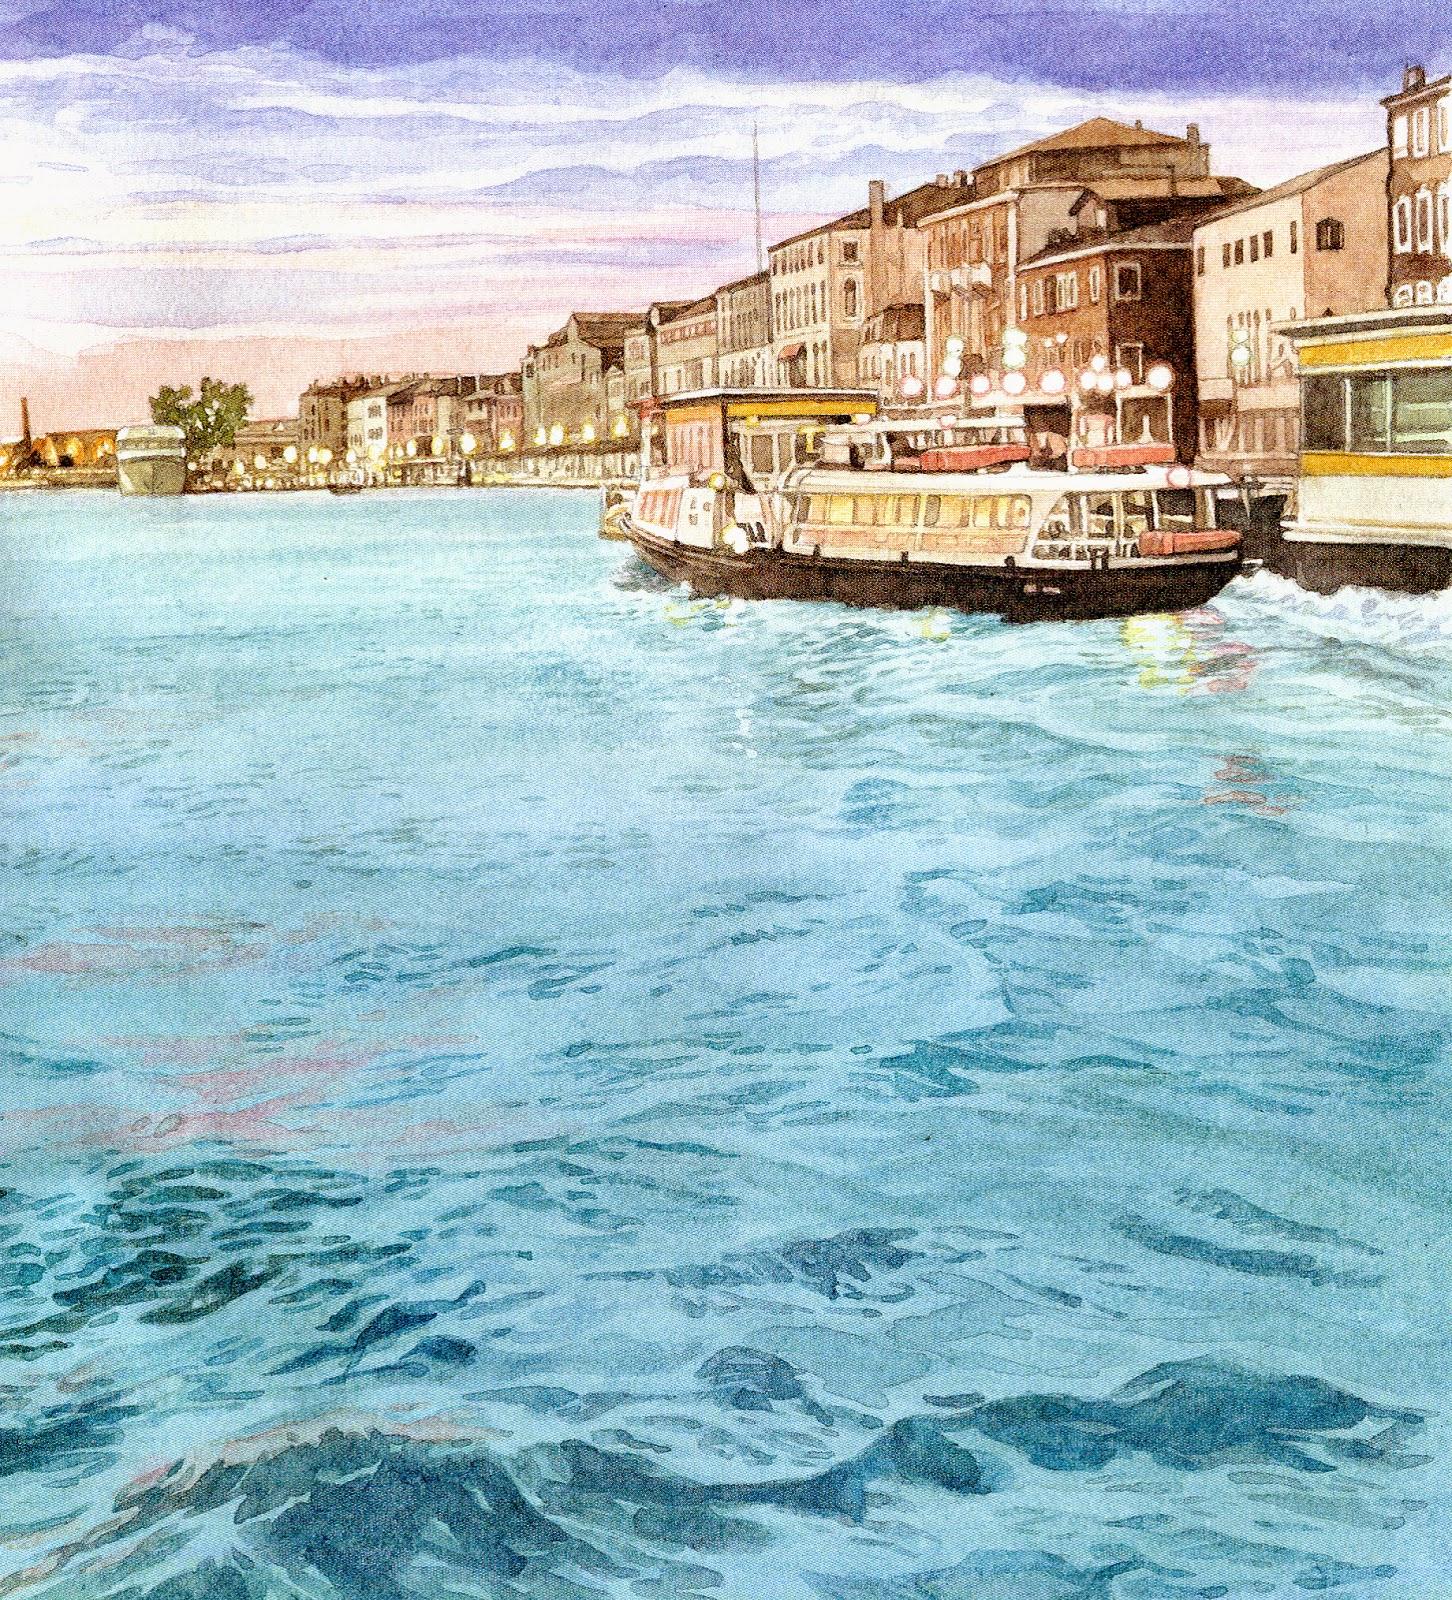 De qua e de la venezia in pittura for Modi di pittura